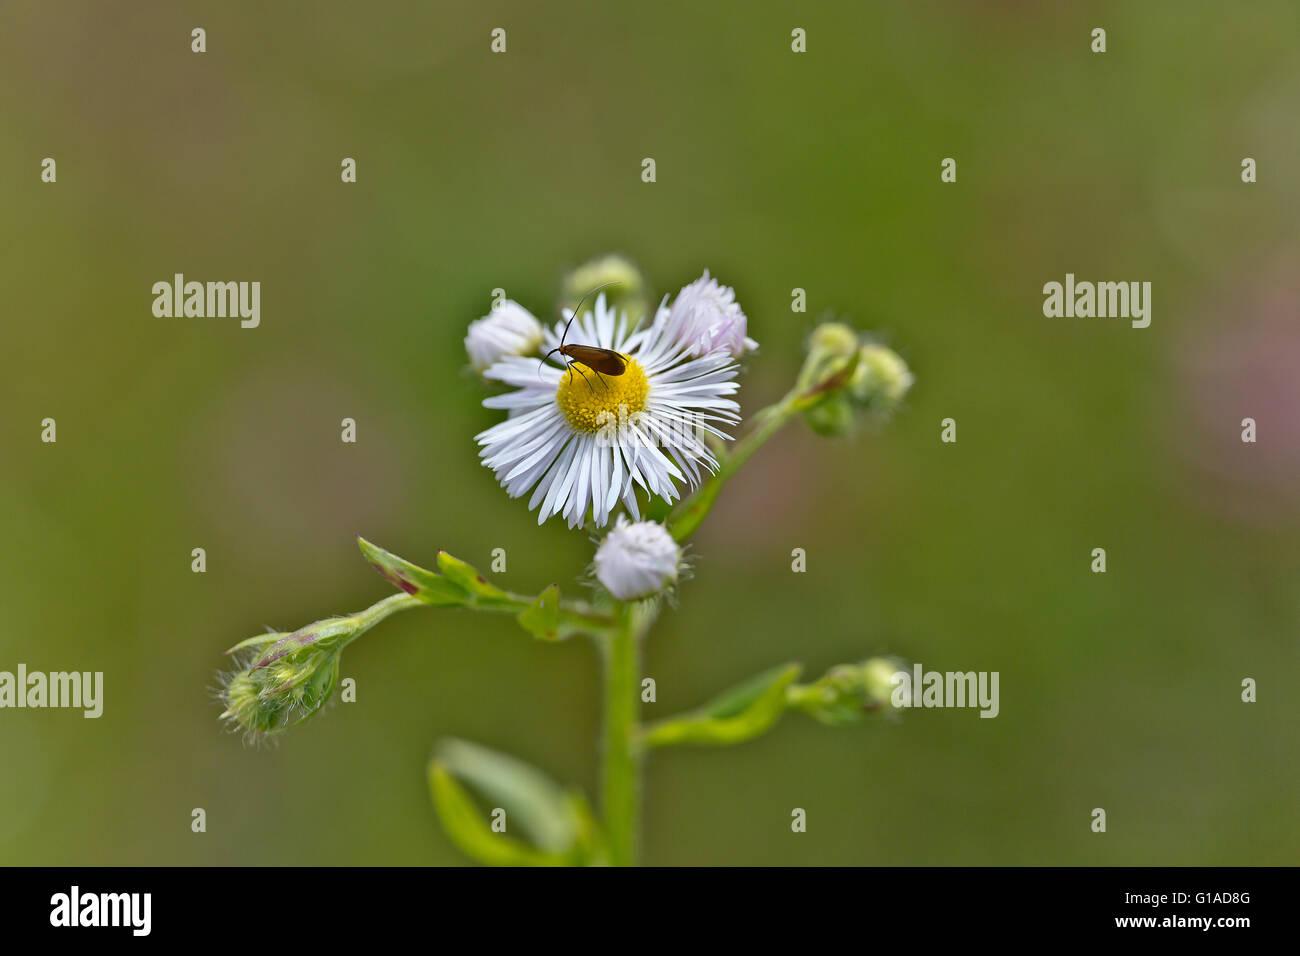 Gelandet auf einer Blüte. Ein Insekt beim Naschen. - Stock Image